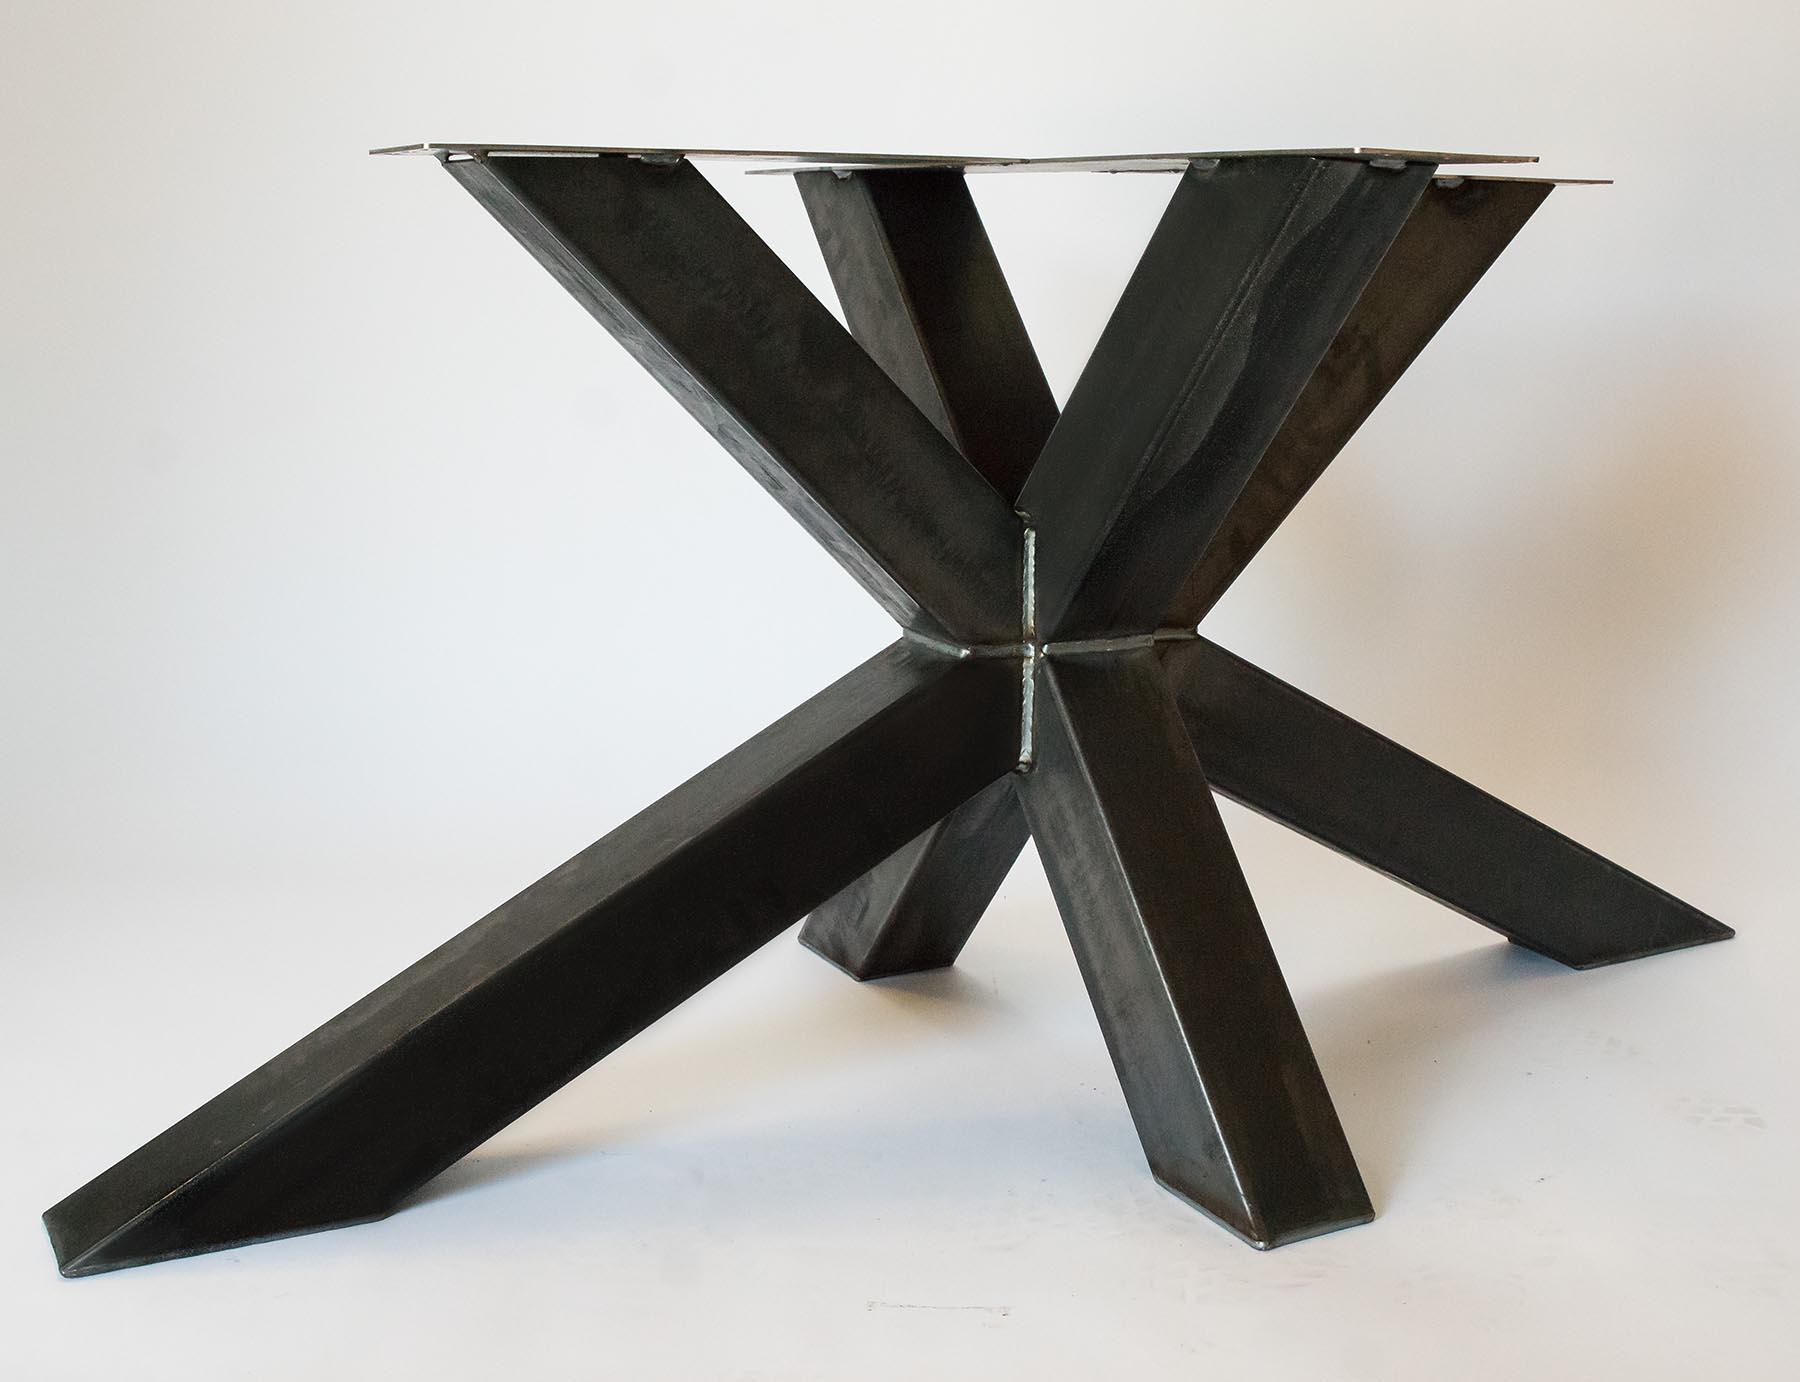 Zeer Stalen Matrix poot - Colorado - Stalen-tafelpoten.nl #NH39